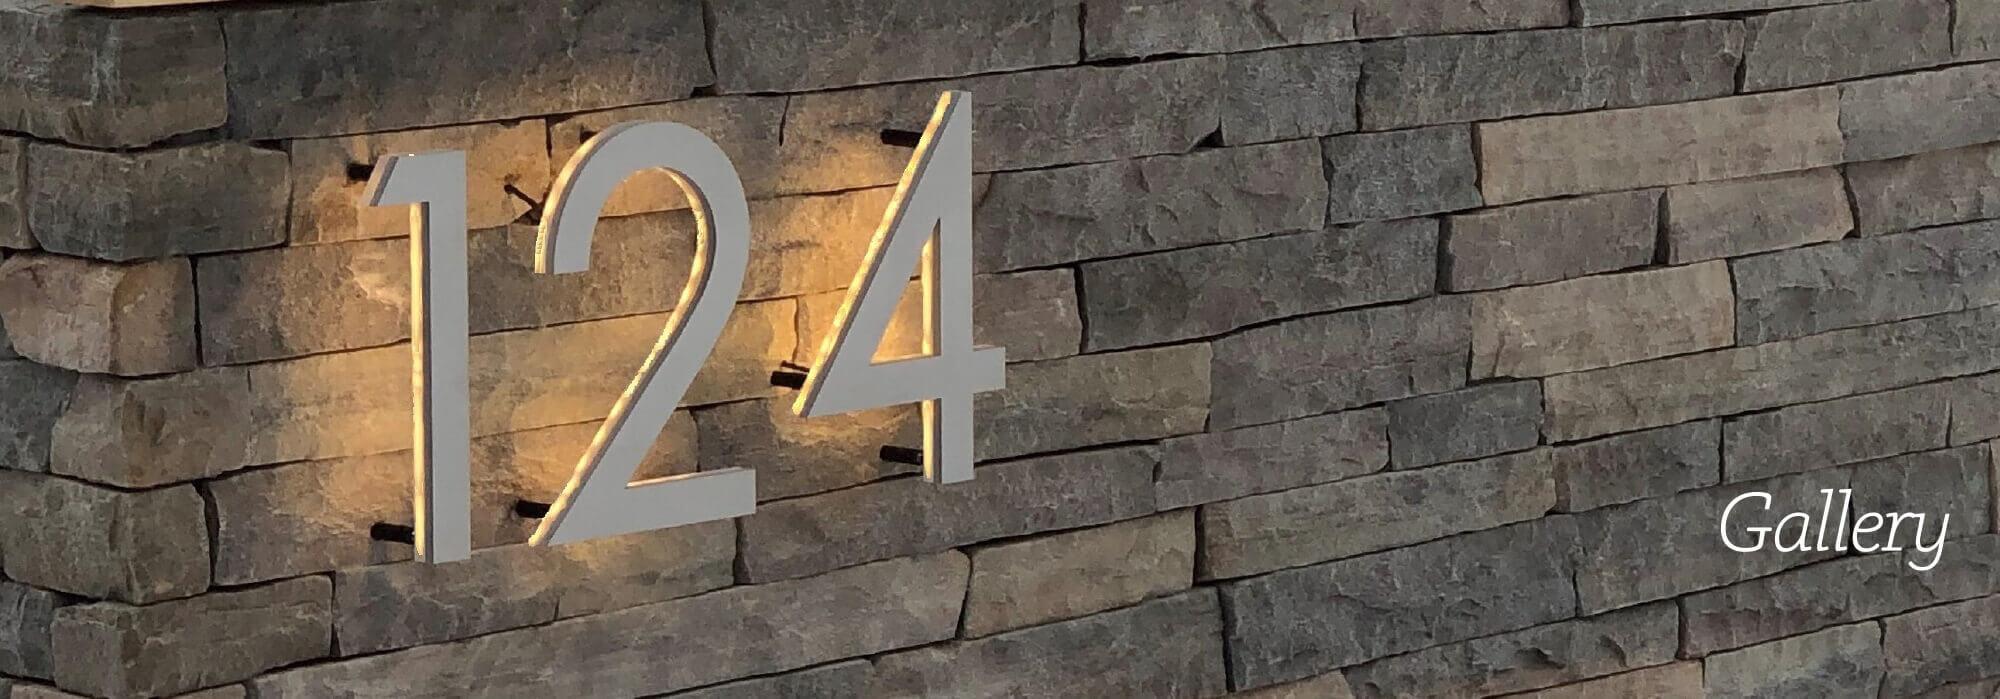 Vivid House Numbers Gallery